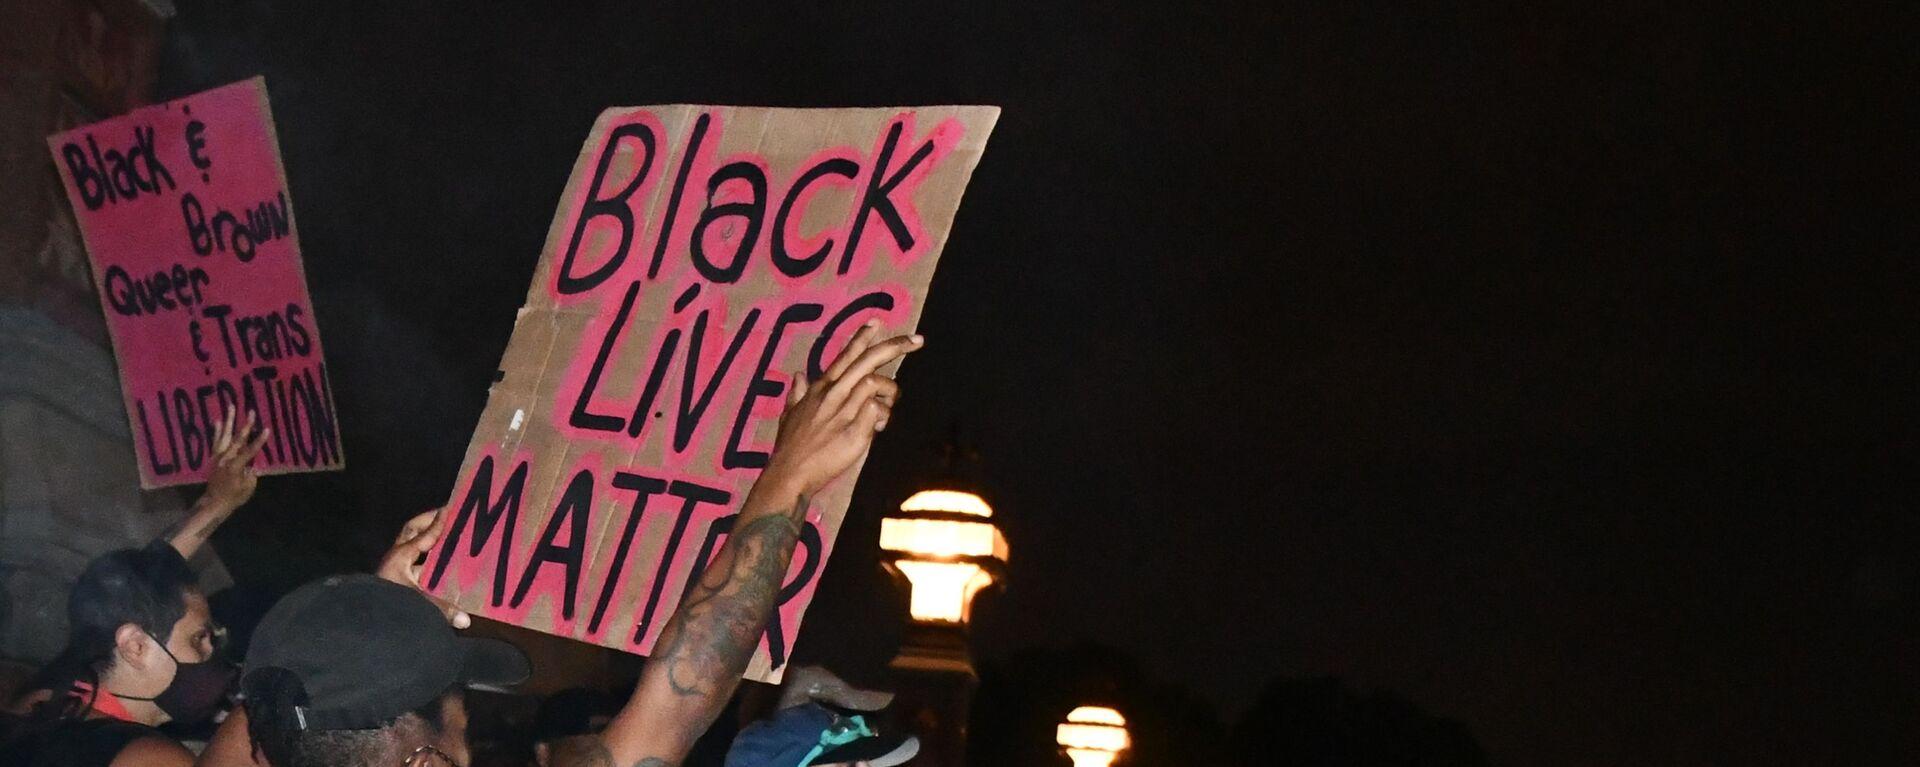 Protesty Black Lives Matter v USA - Sputnik Česká republika, 1920, 16.06.2021